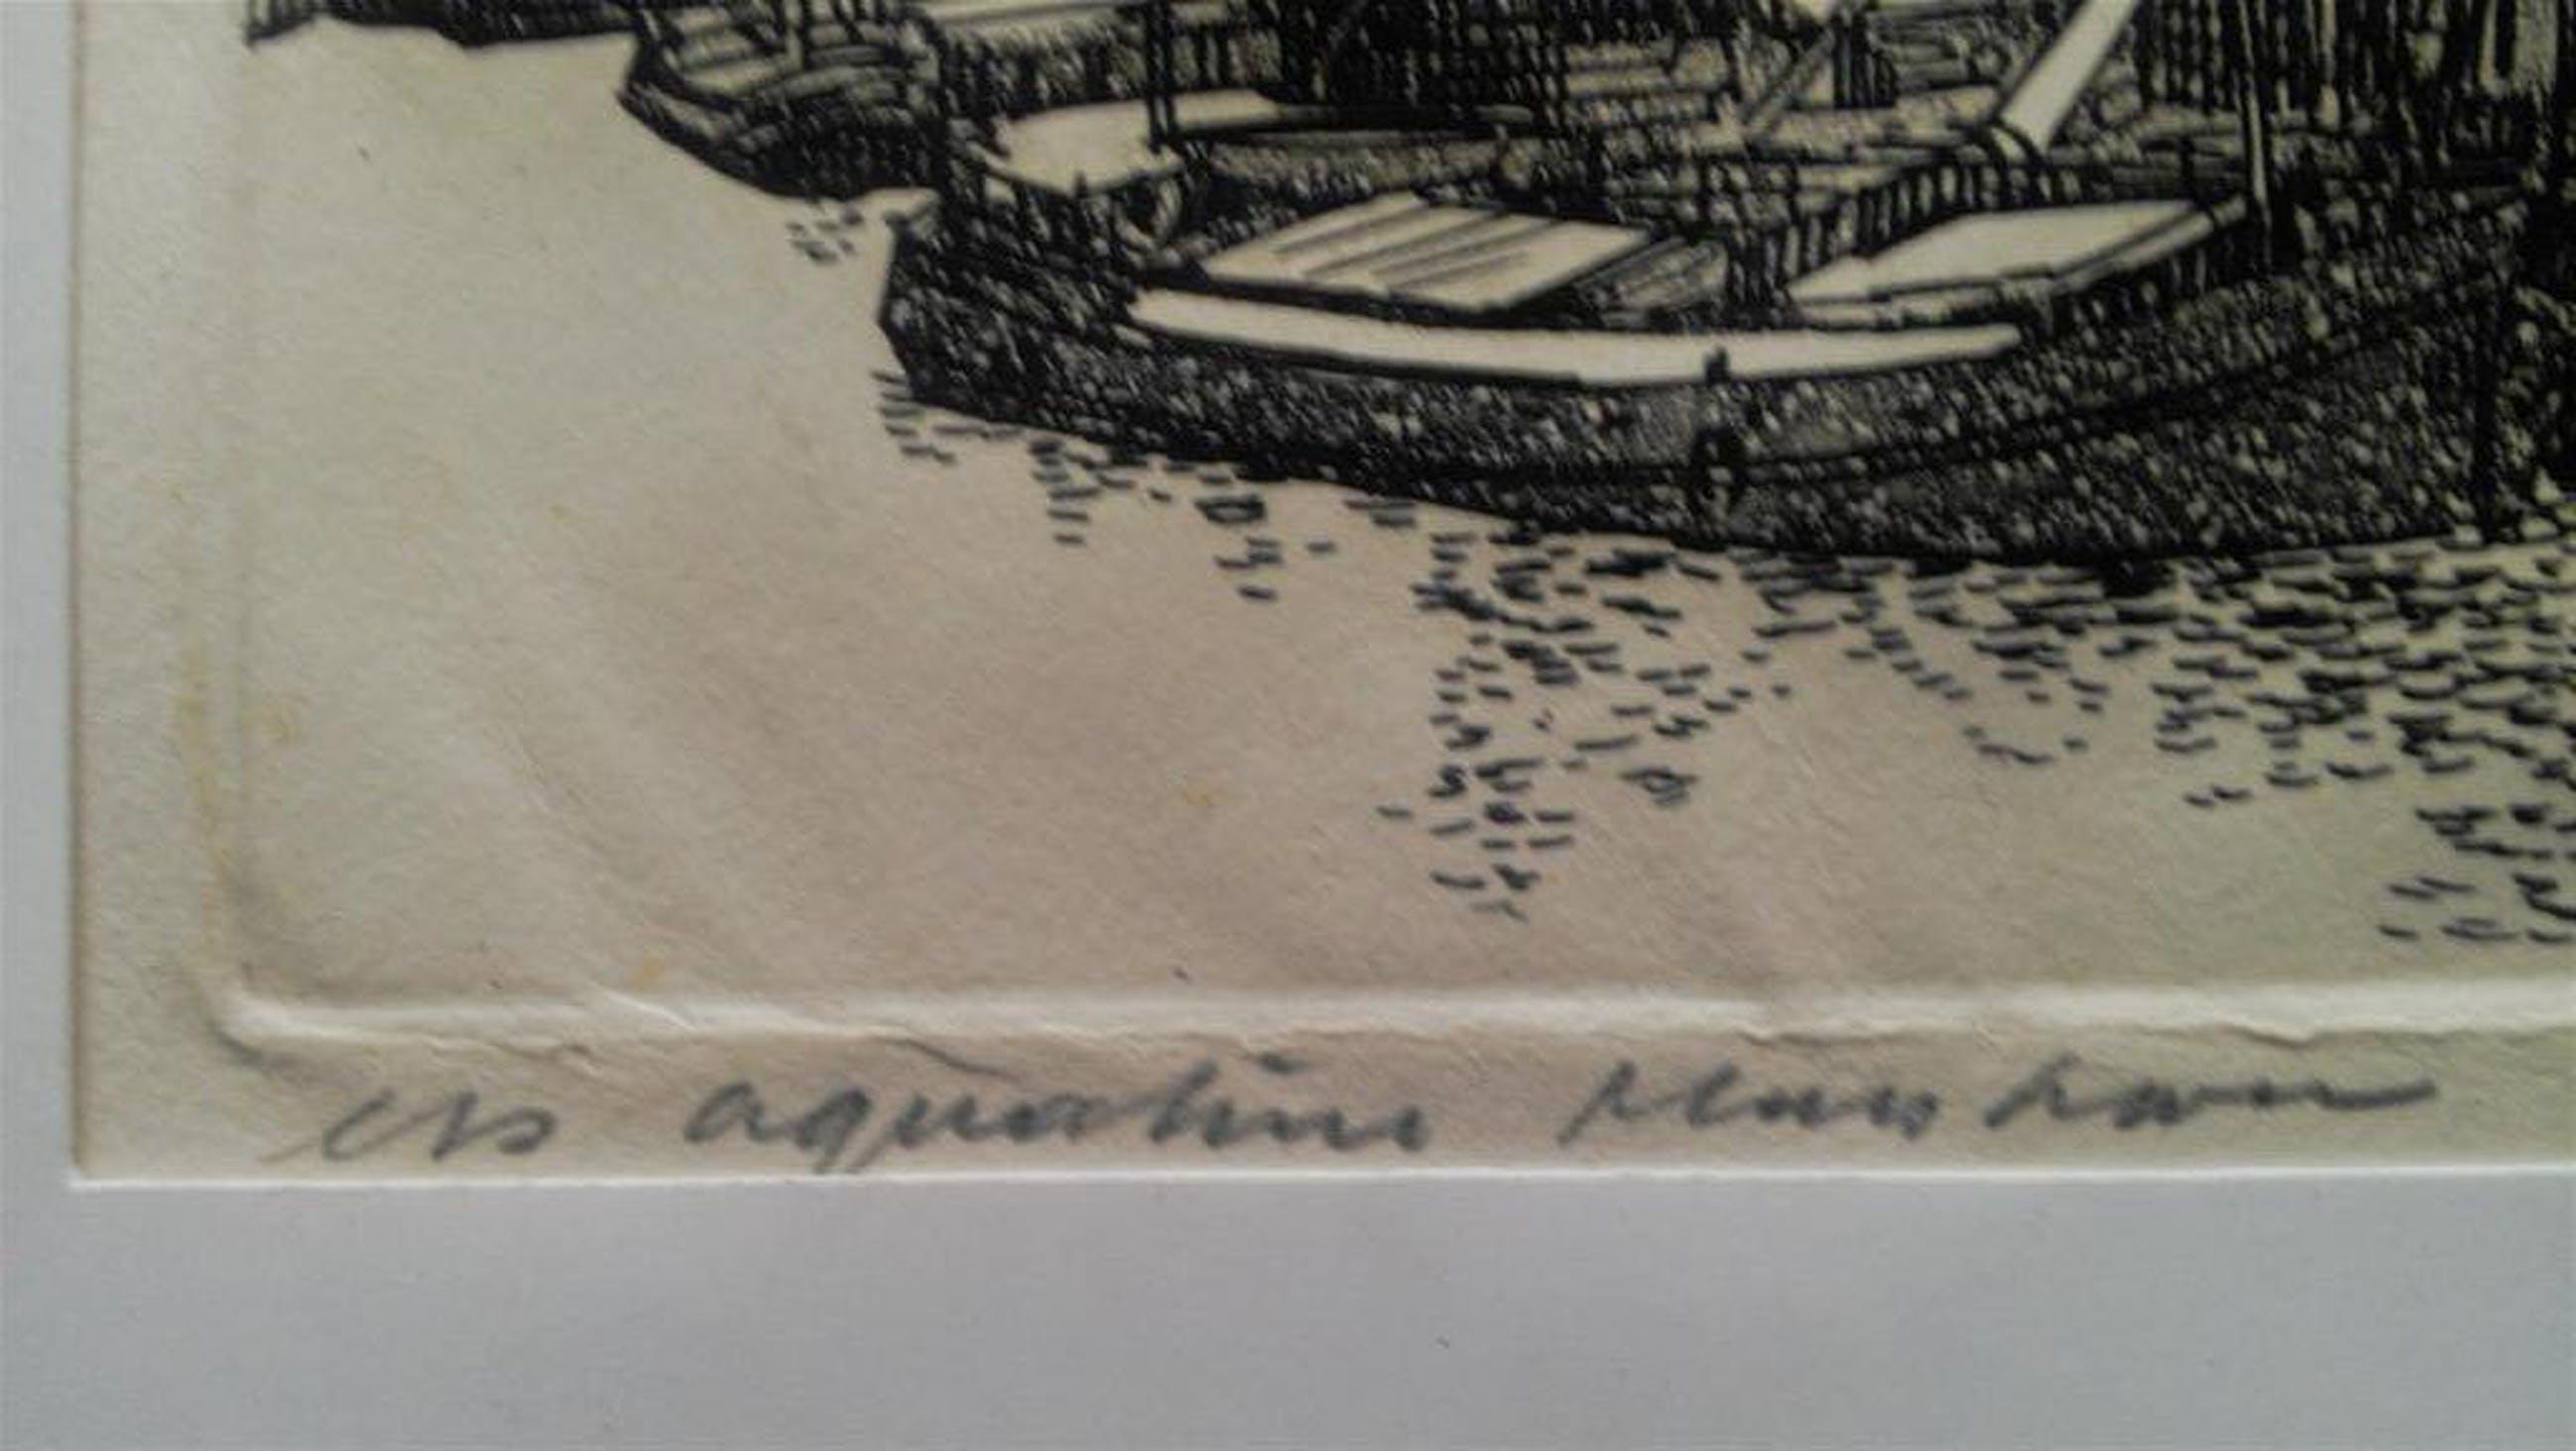 Ets aquatint Maashaven gesigneerd en gedateerd '71 kopen? Bied vanaf 21!